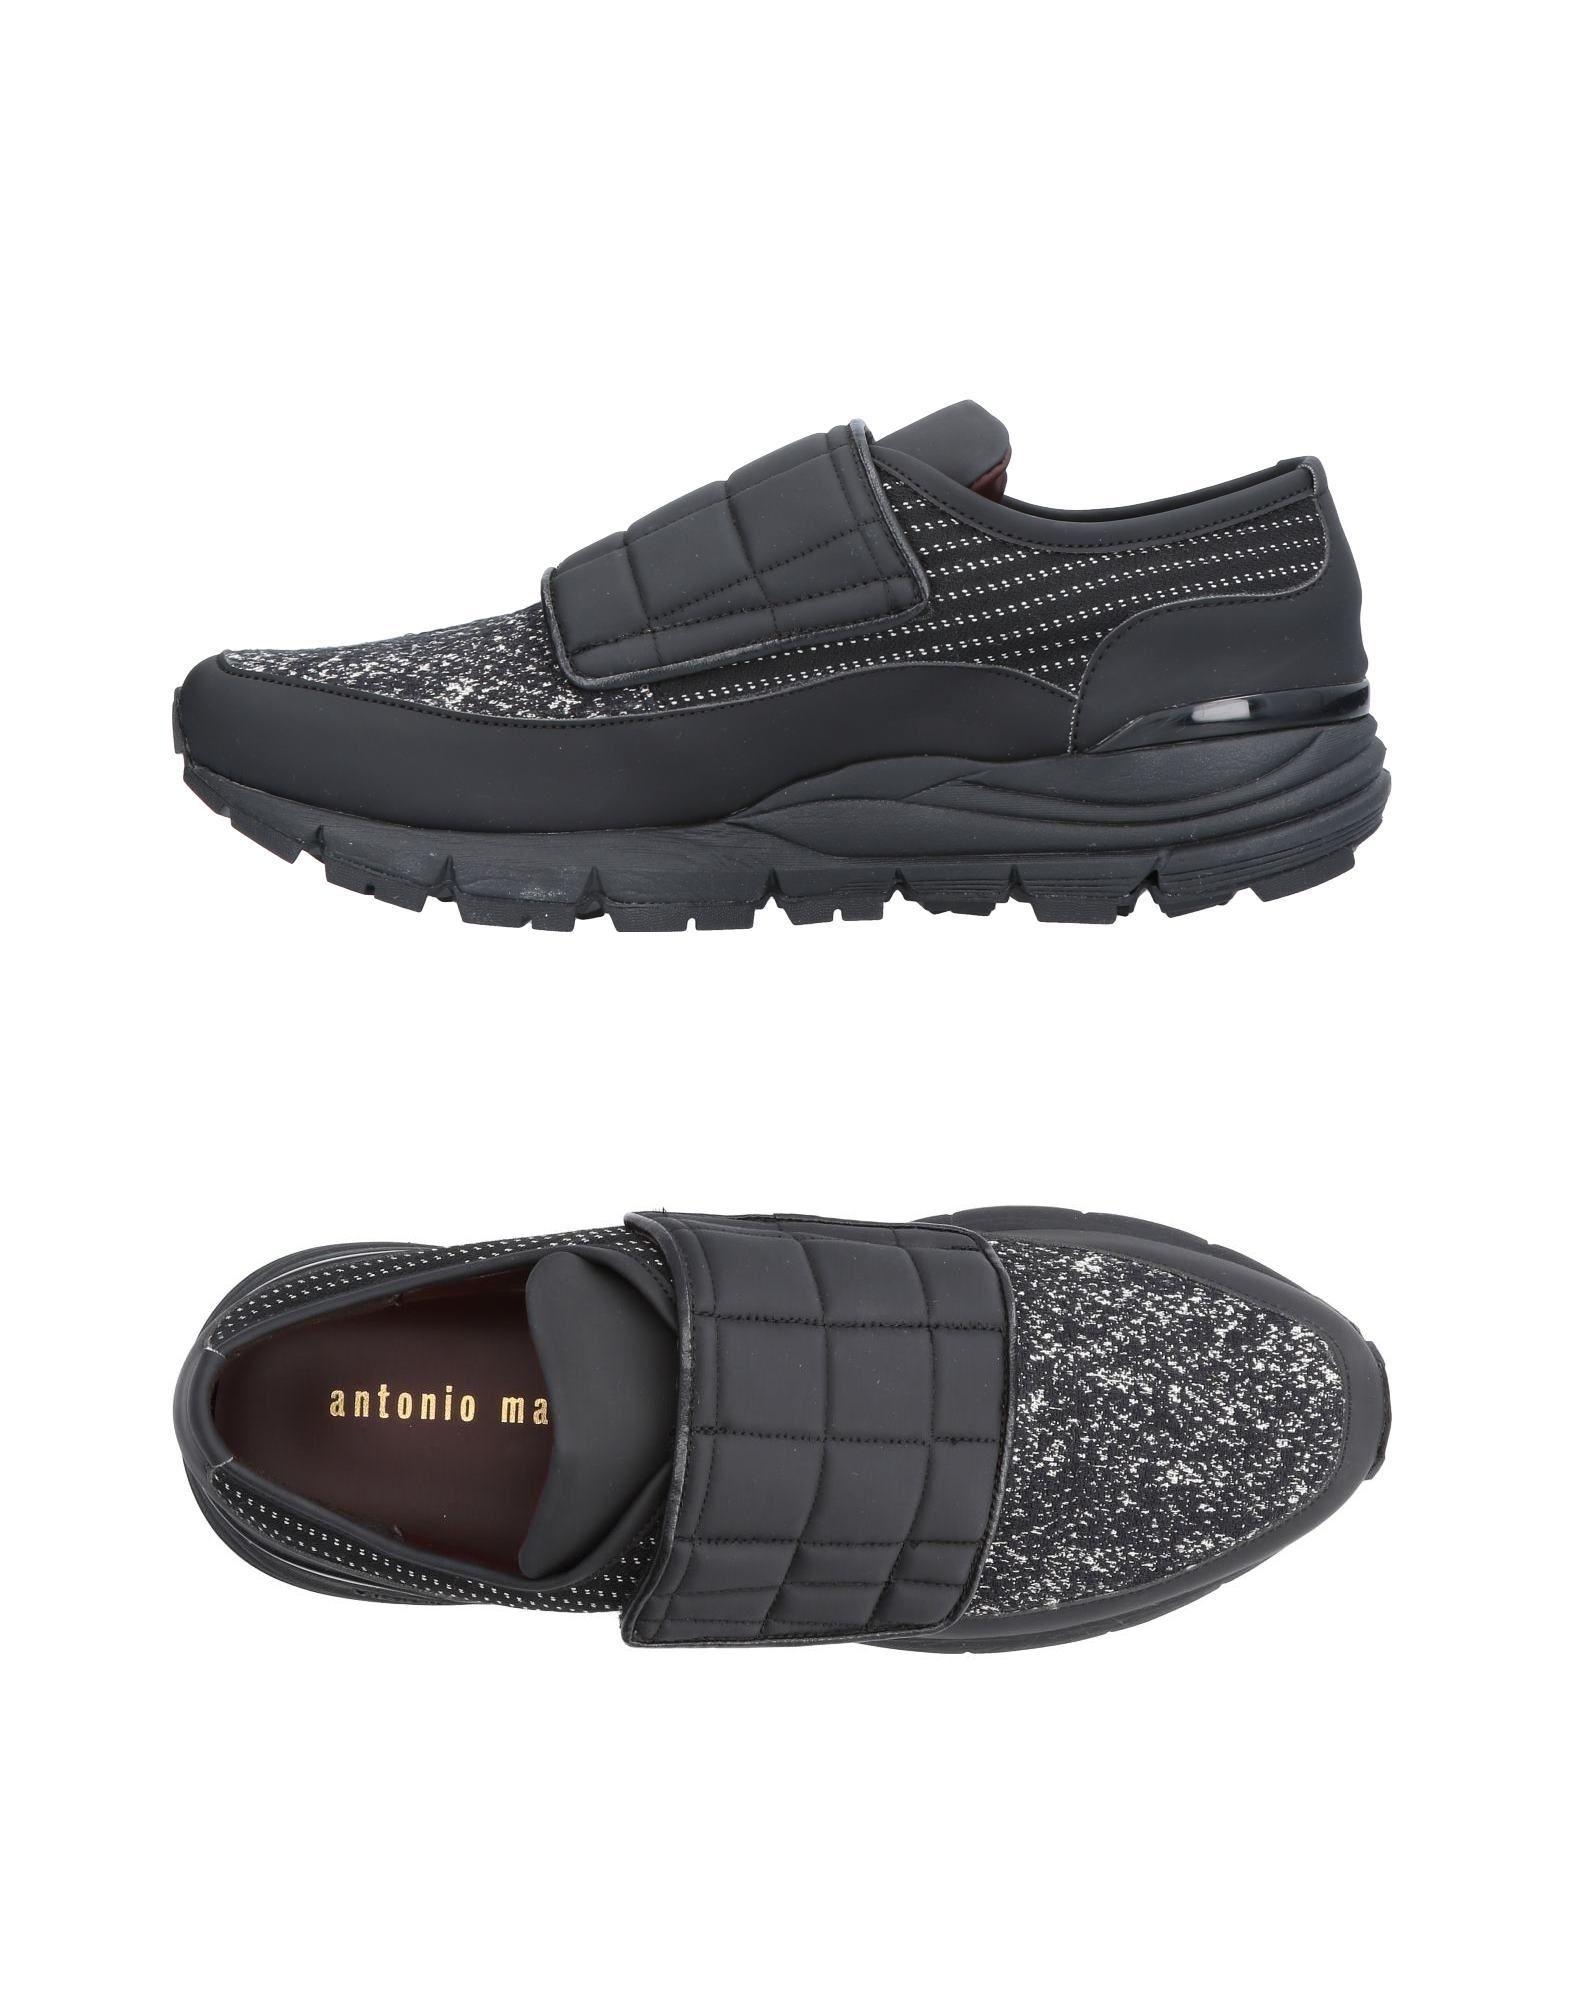 Sneakers - Antonio Marras Donna - Sneakers 11467396OE 0881e4